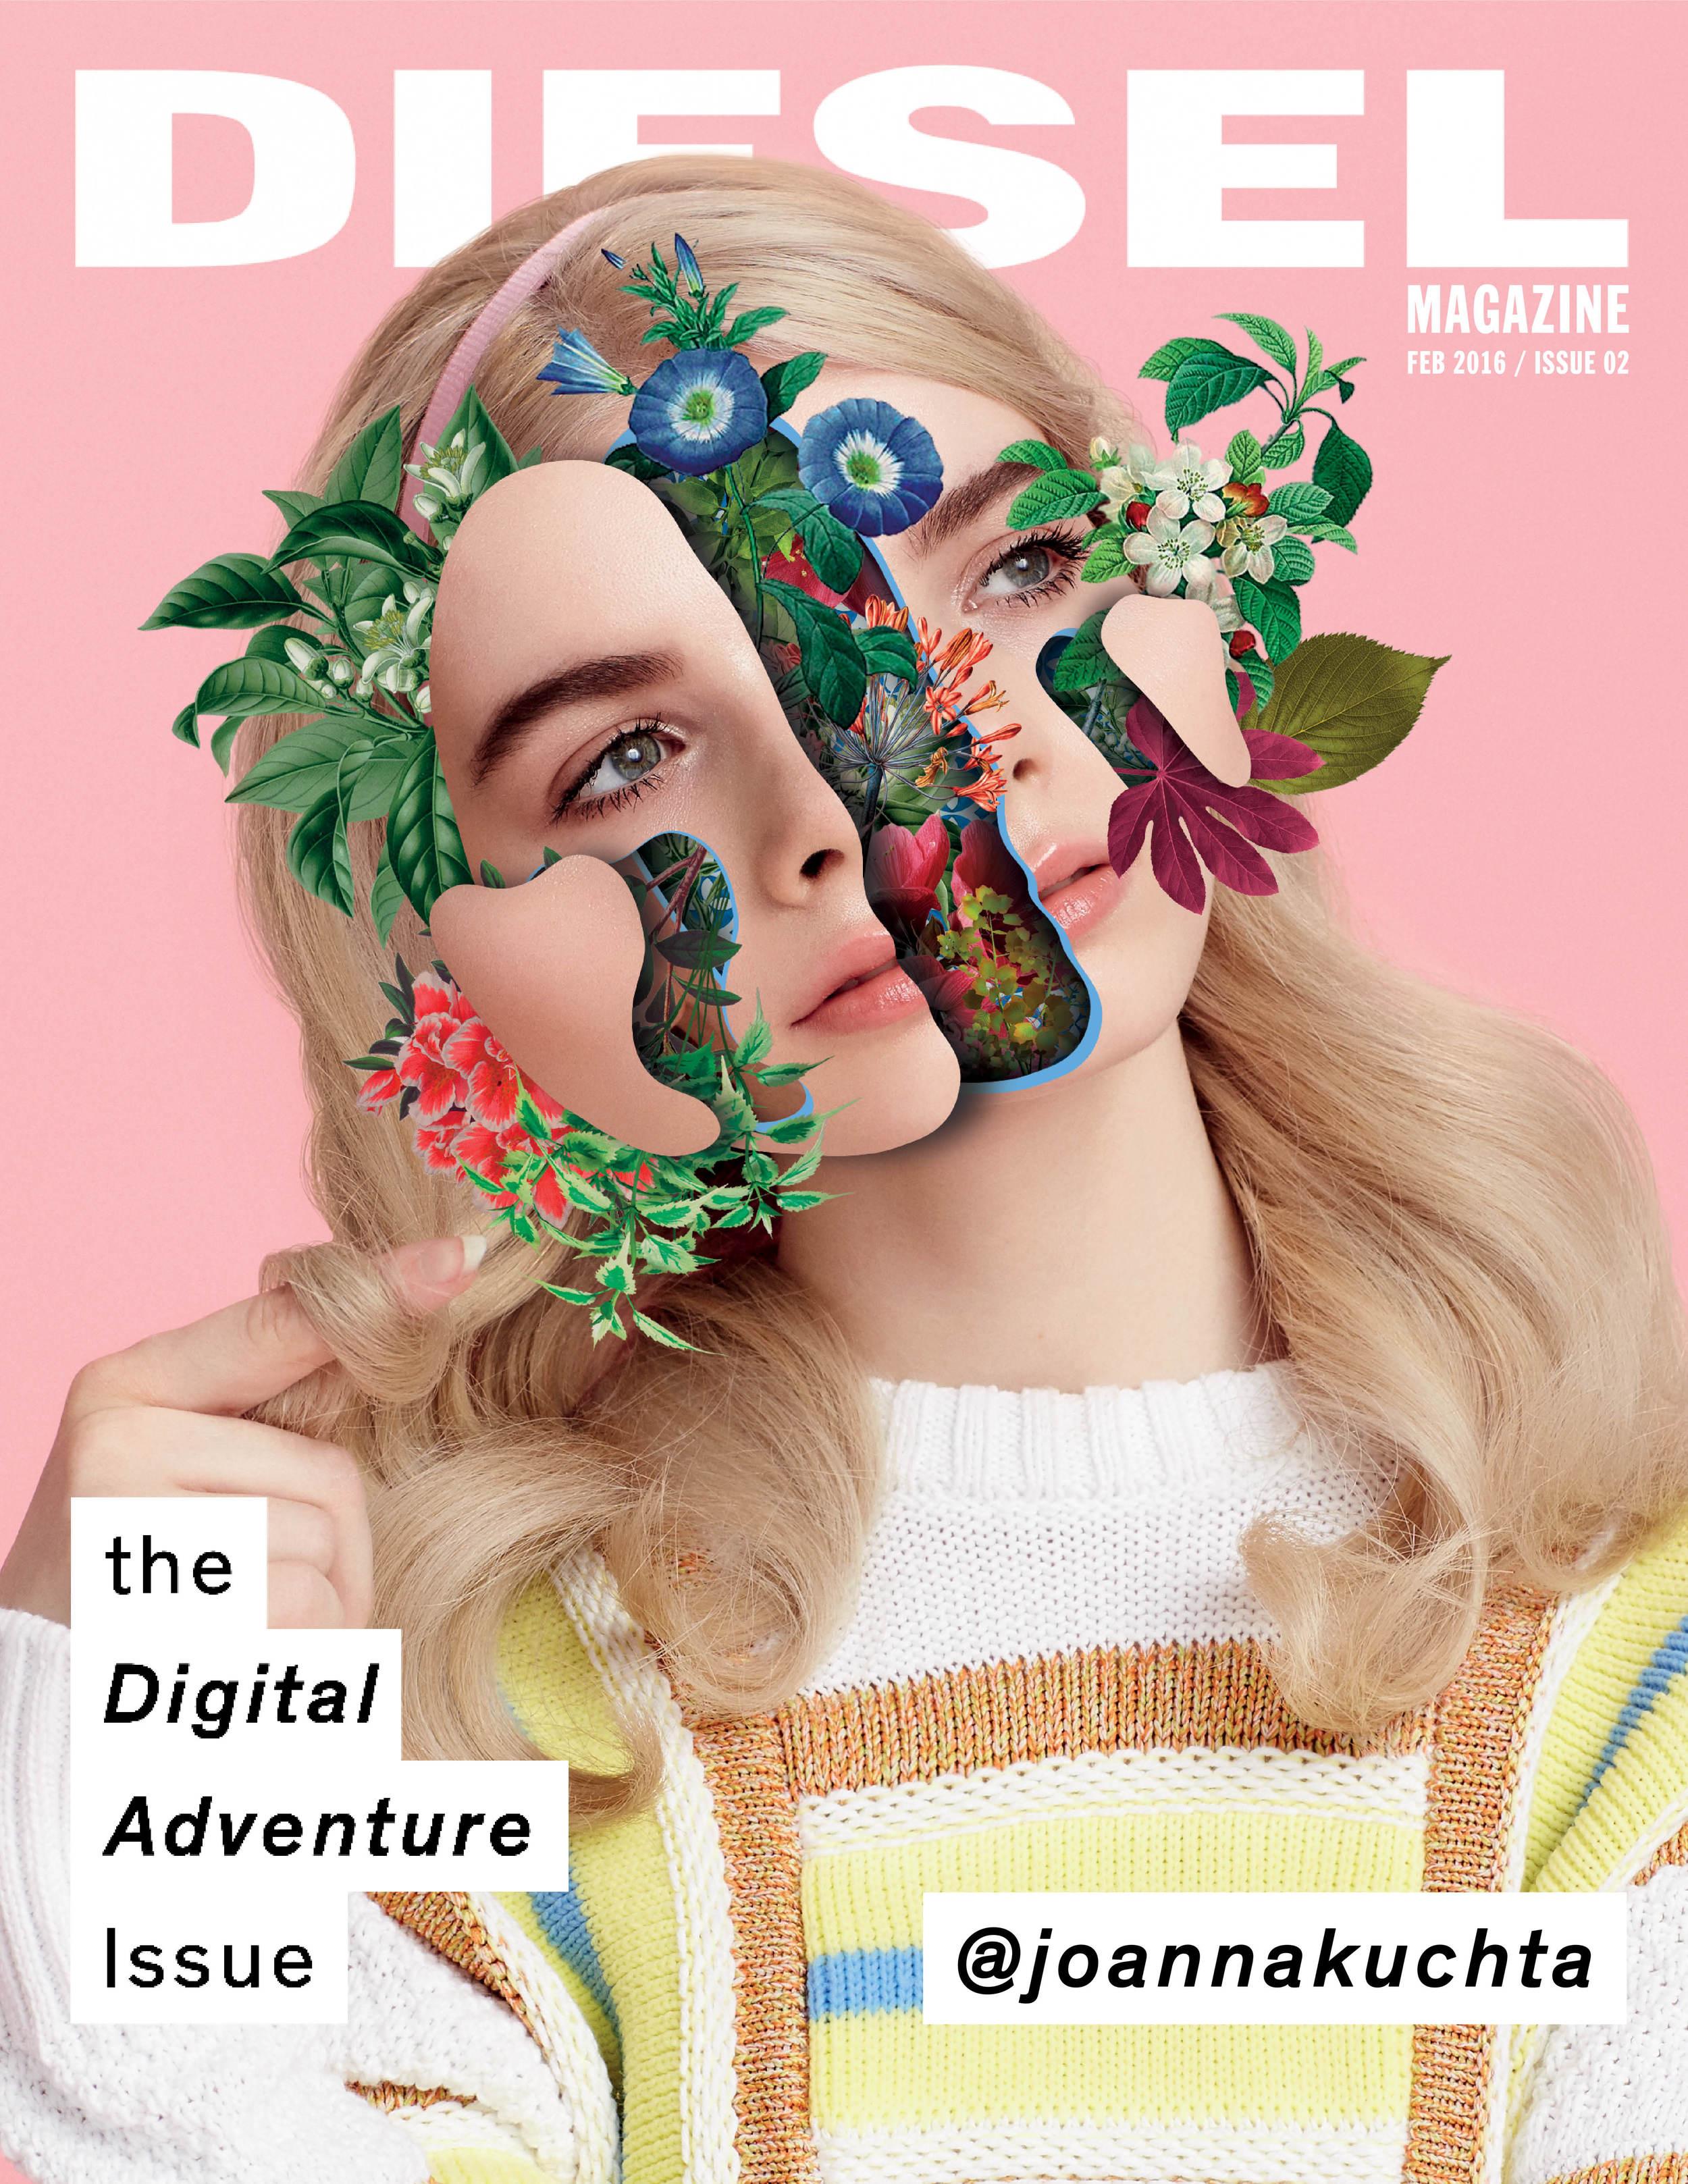 DIESEL MAGAZINE feb cover$ V2 0802167.jpg